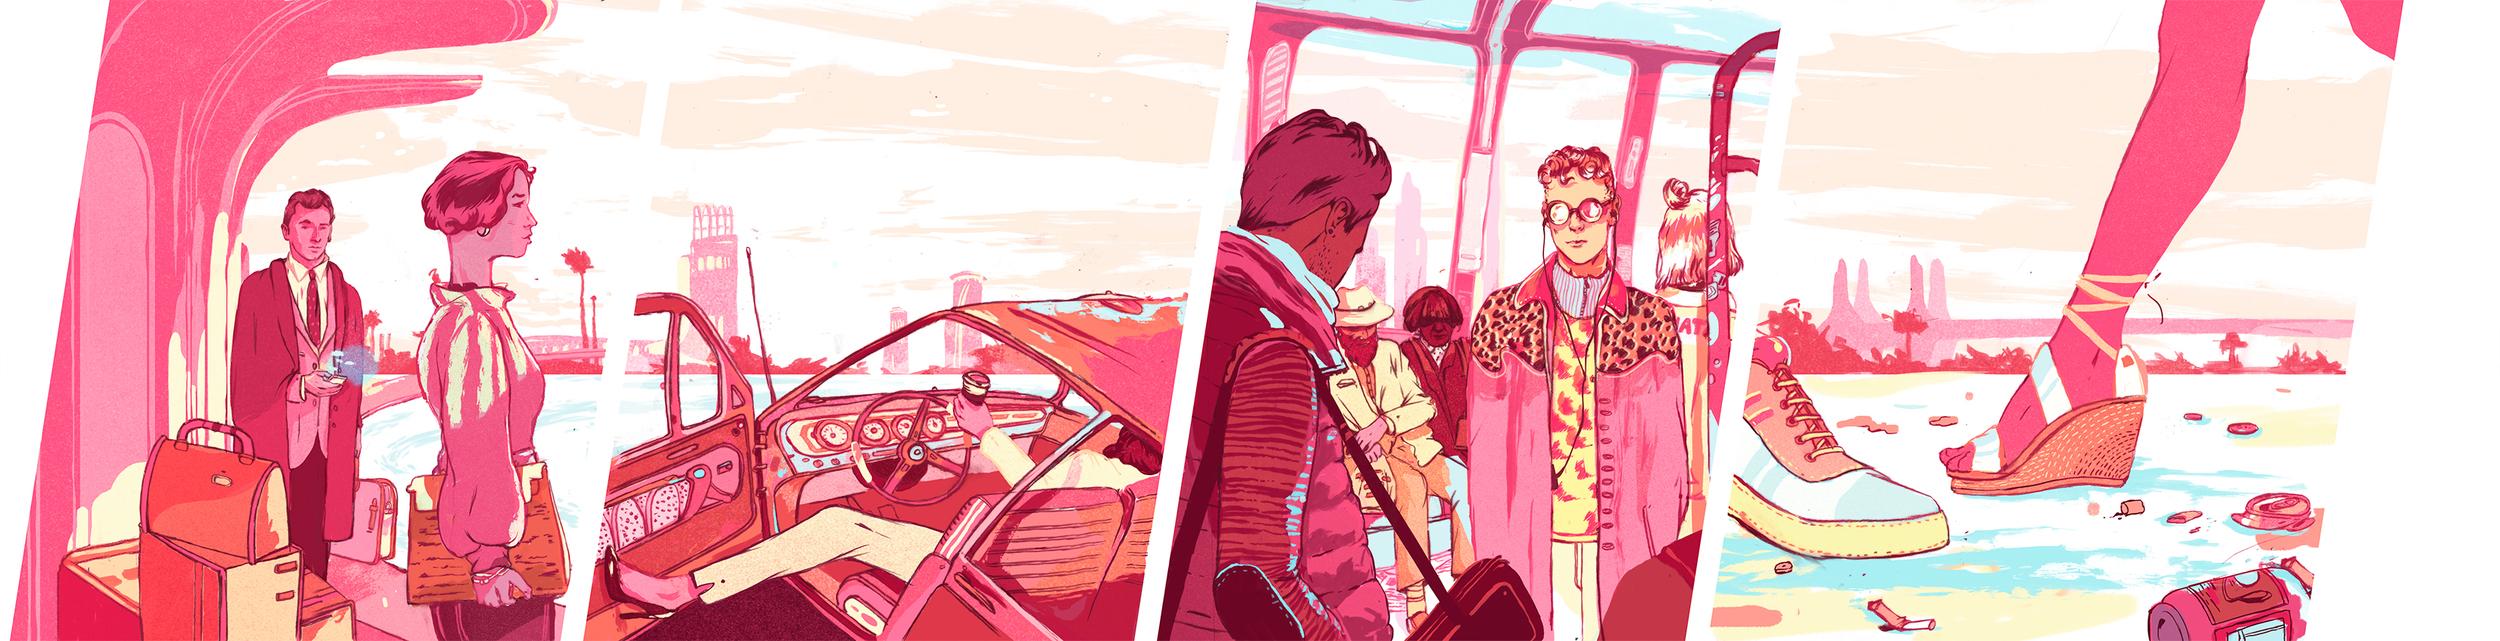 Commute2.jpg